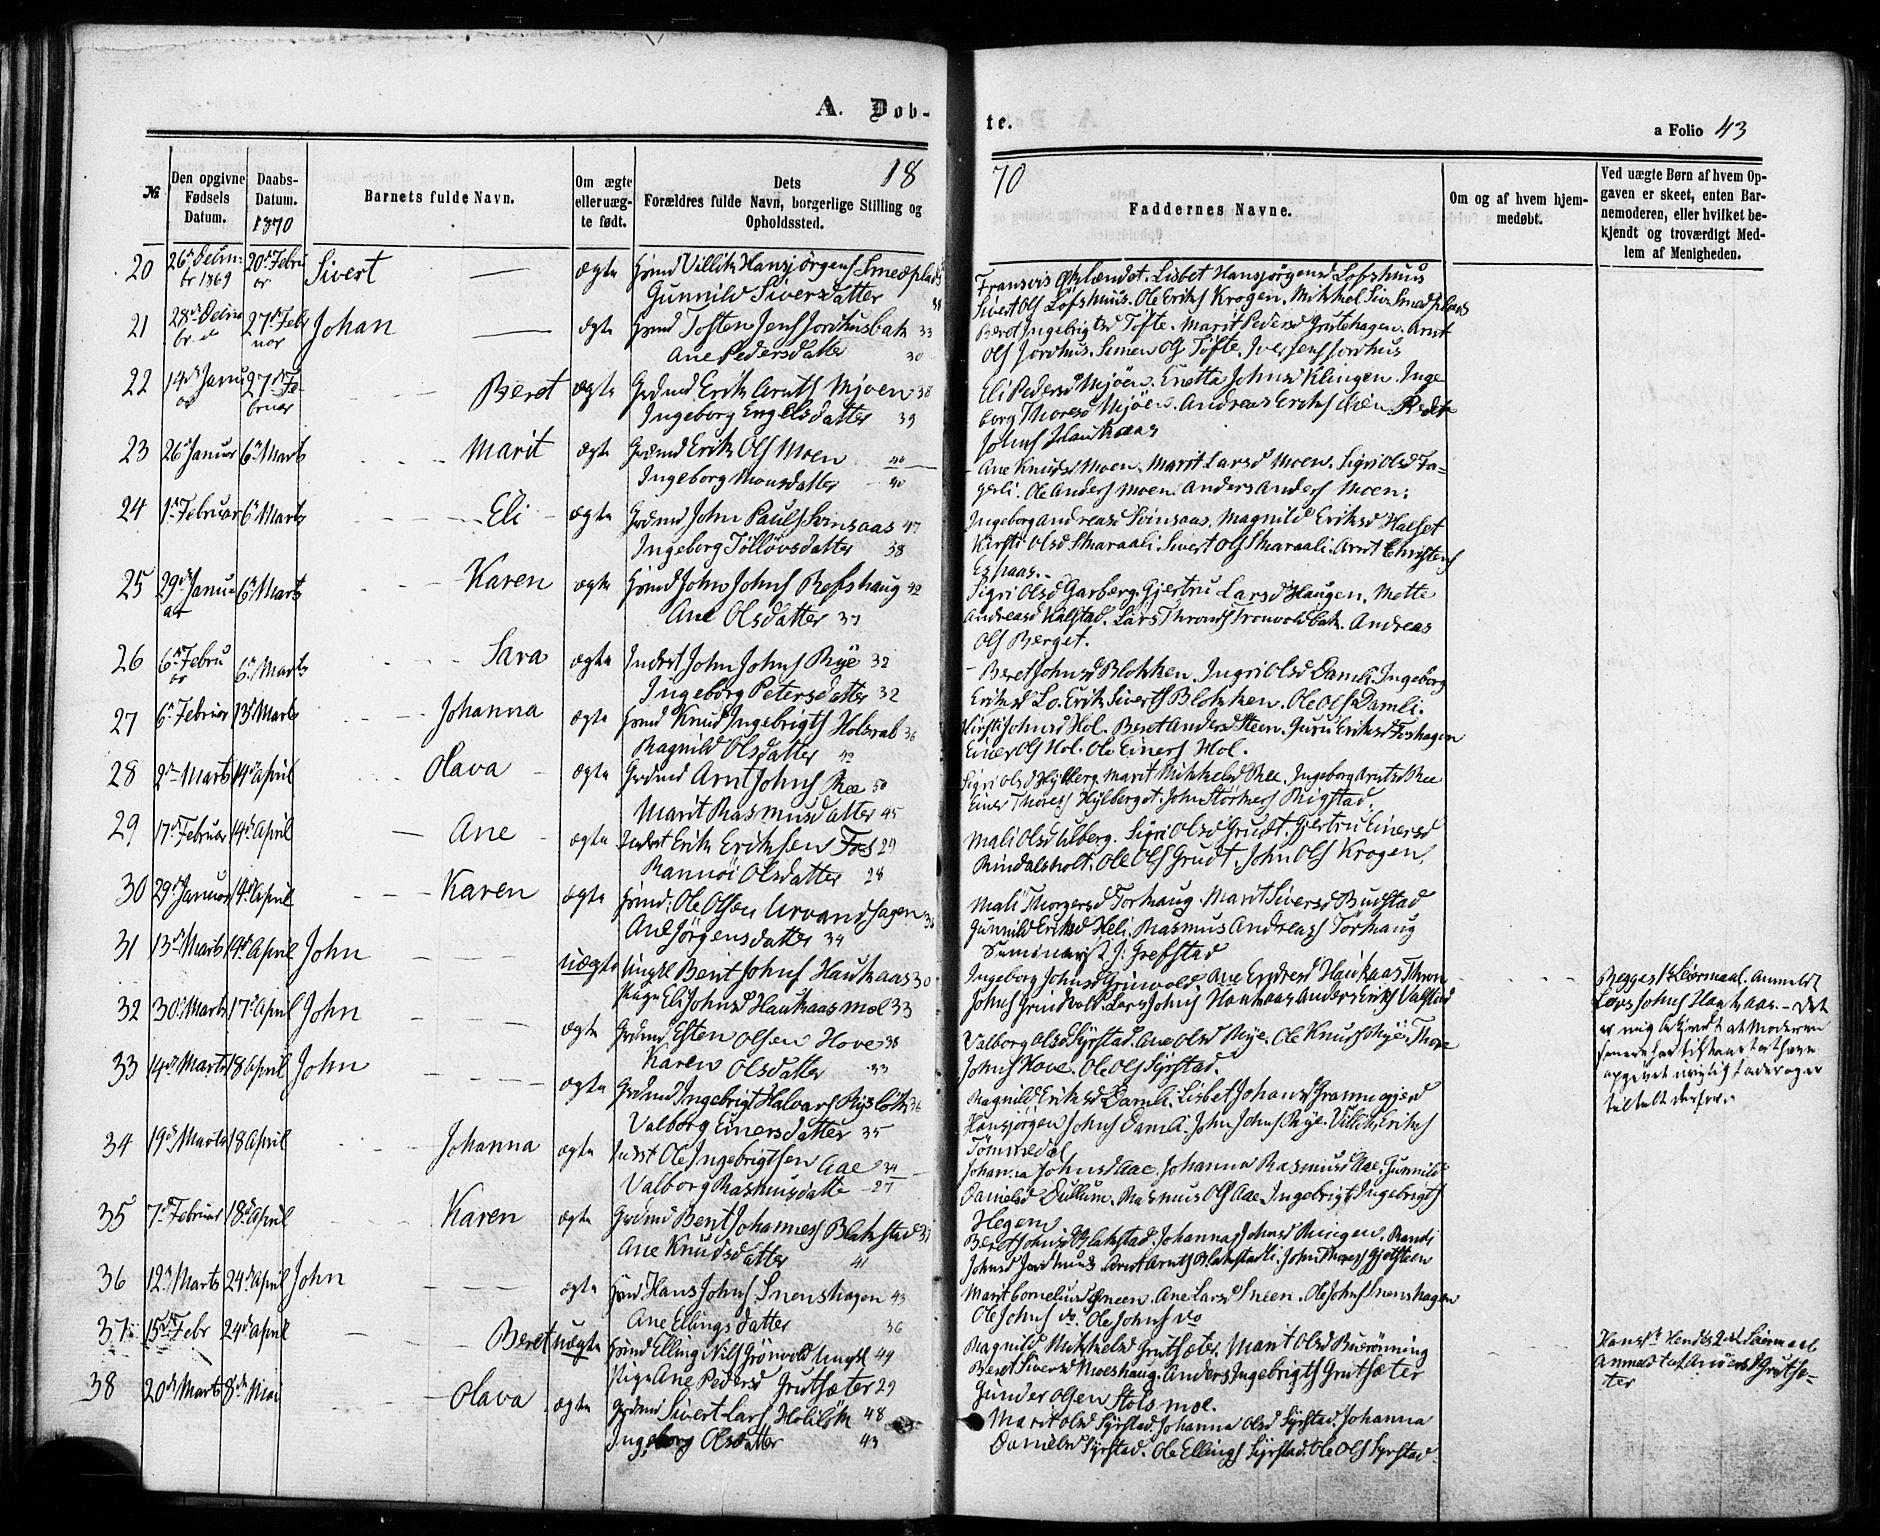 SAT, Ministerialprotokoller, klokkerbøker og fødselsregistre - Sør-Trøndelag, 672/L0856: Ministerialbok nr. 672A08, 1861-1881, s. 43